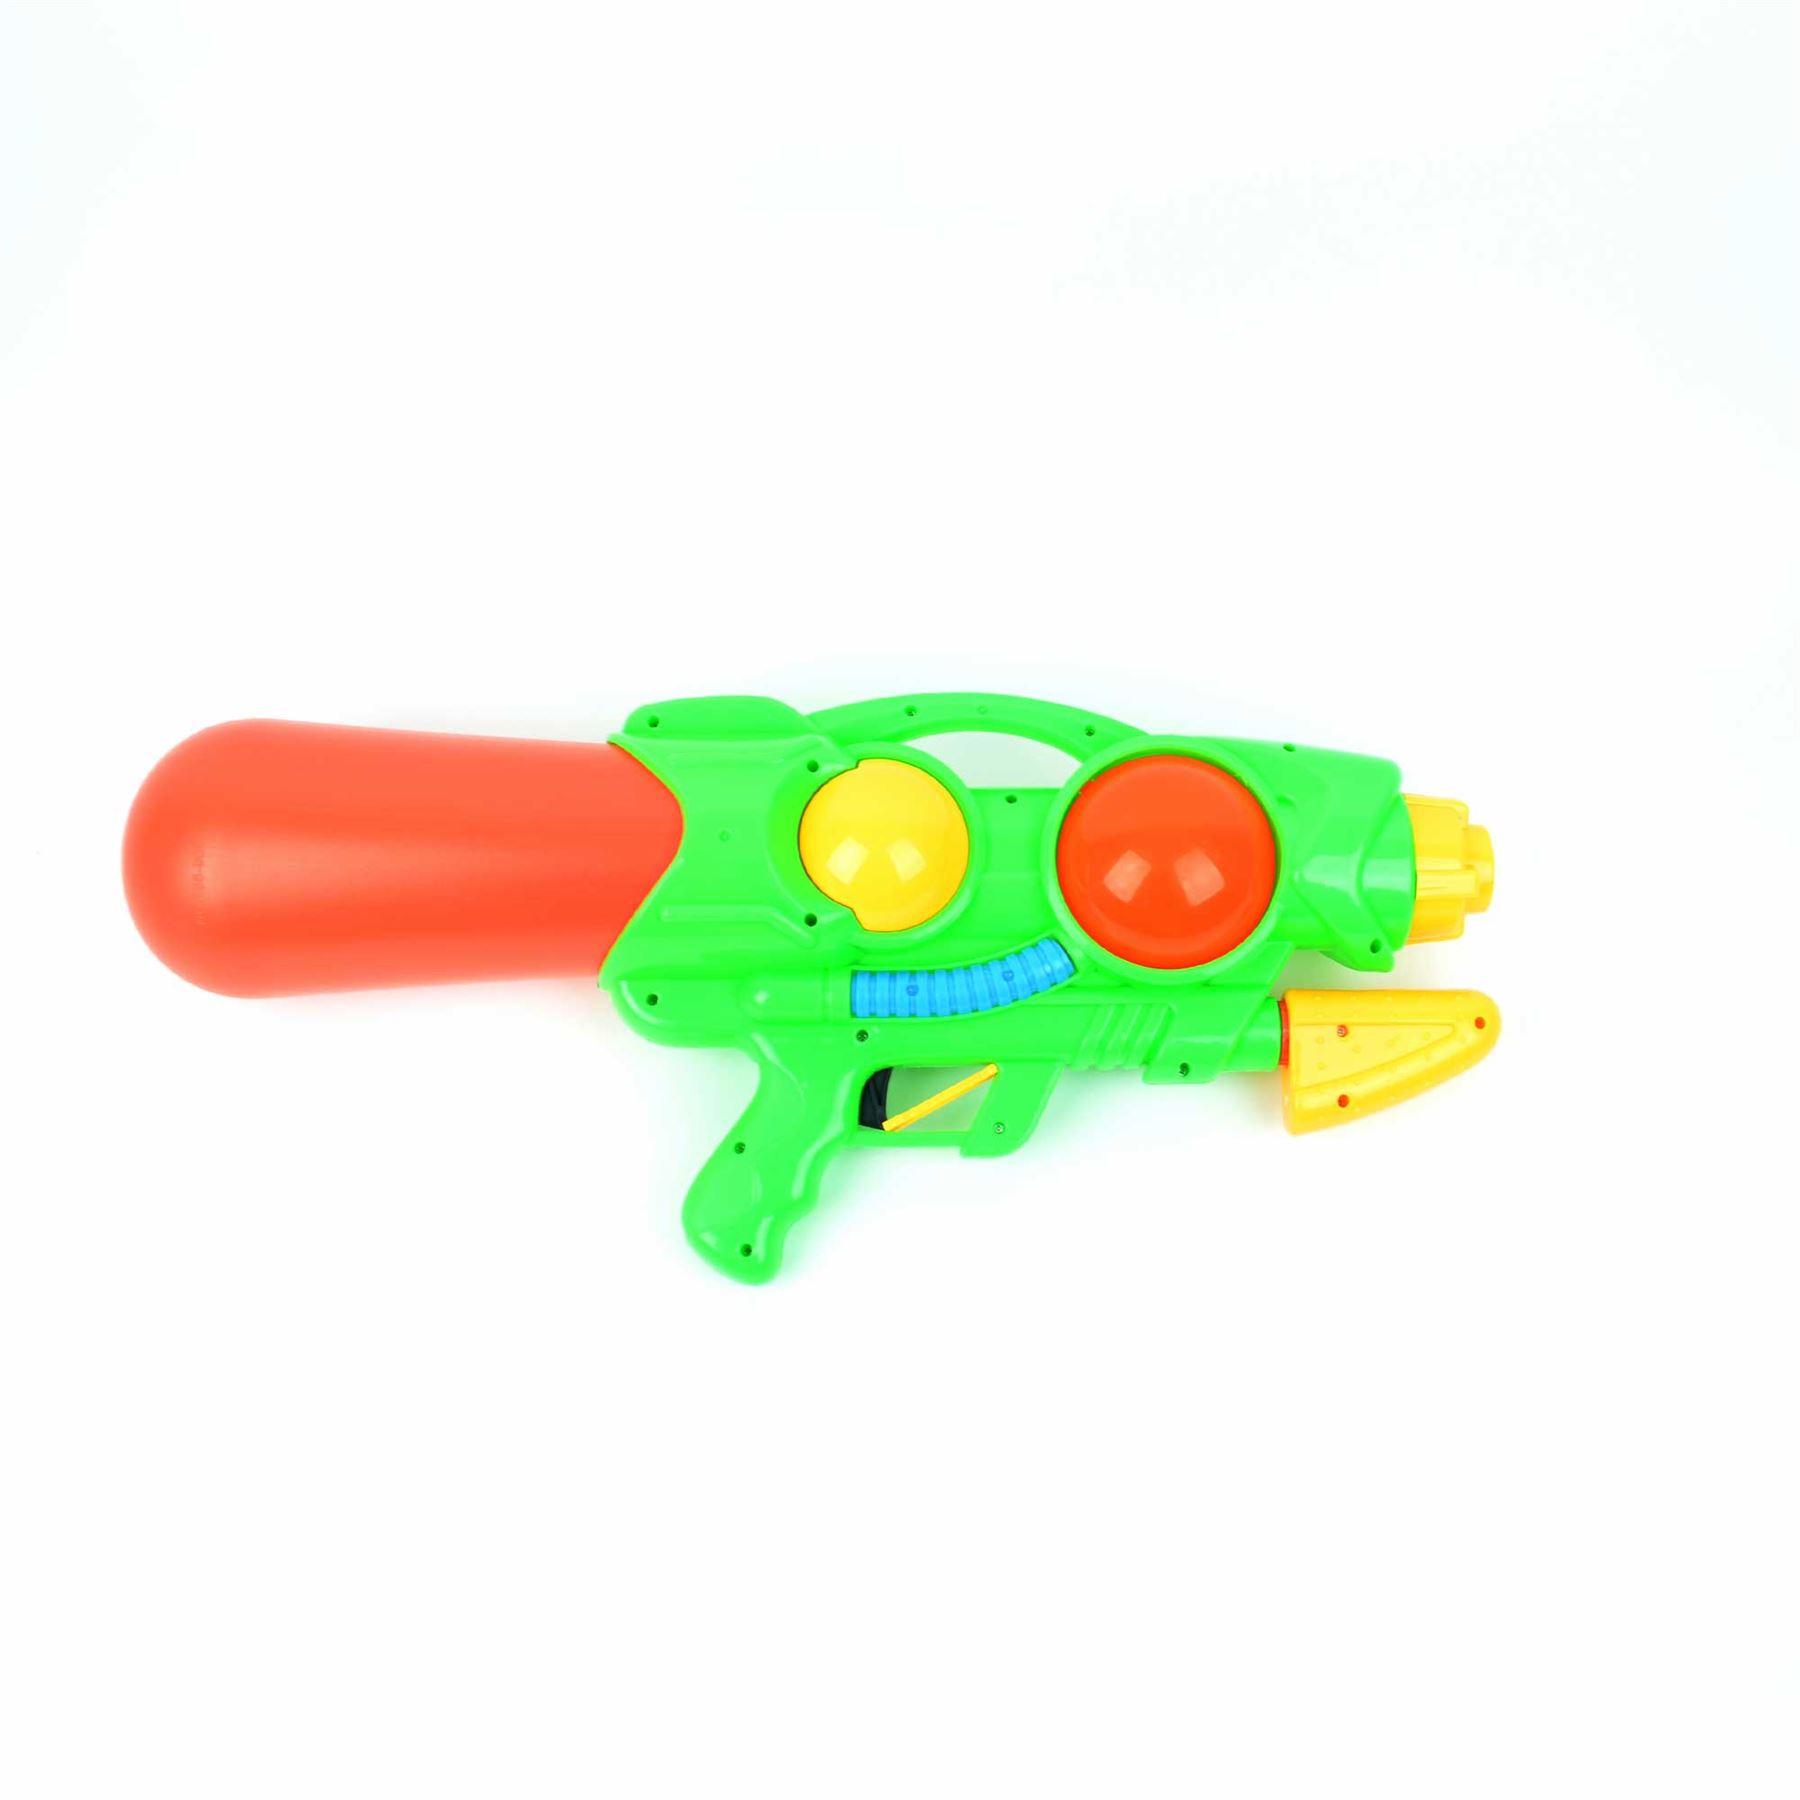 miniature 30 - Large Water Gun Pump Action Super Soaker Sprayer Backpack Outdoor Beach Garden